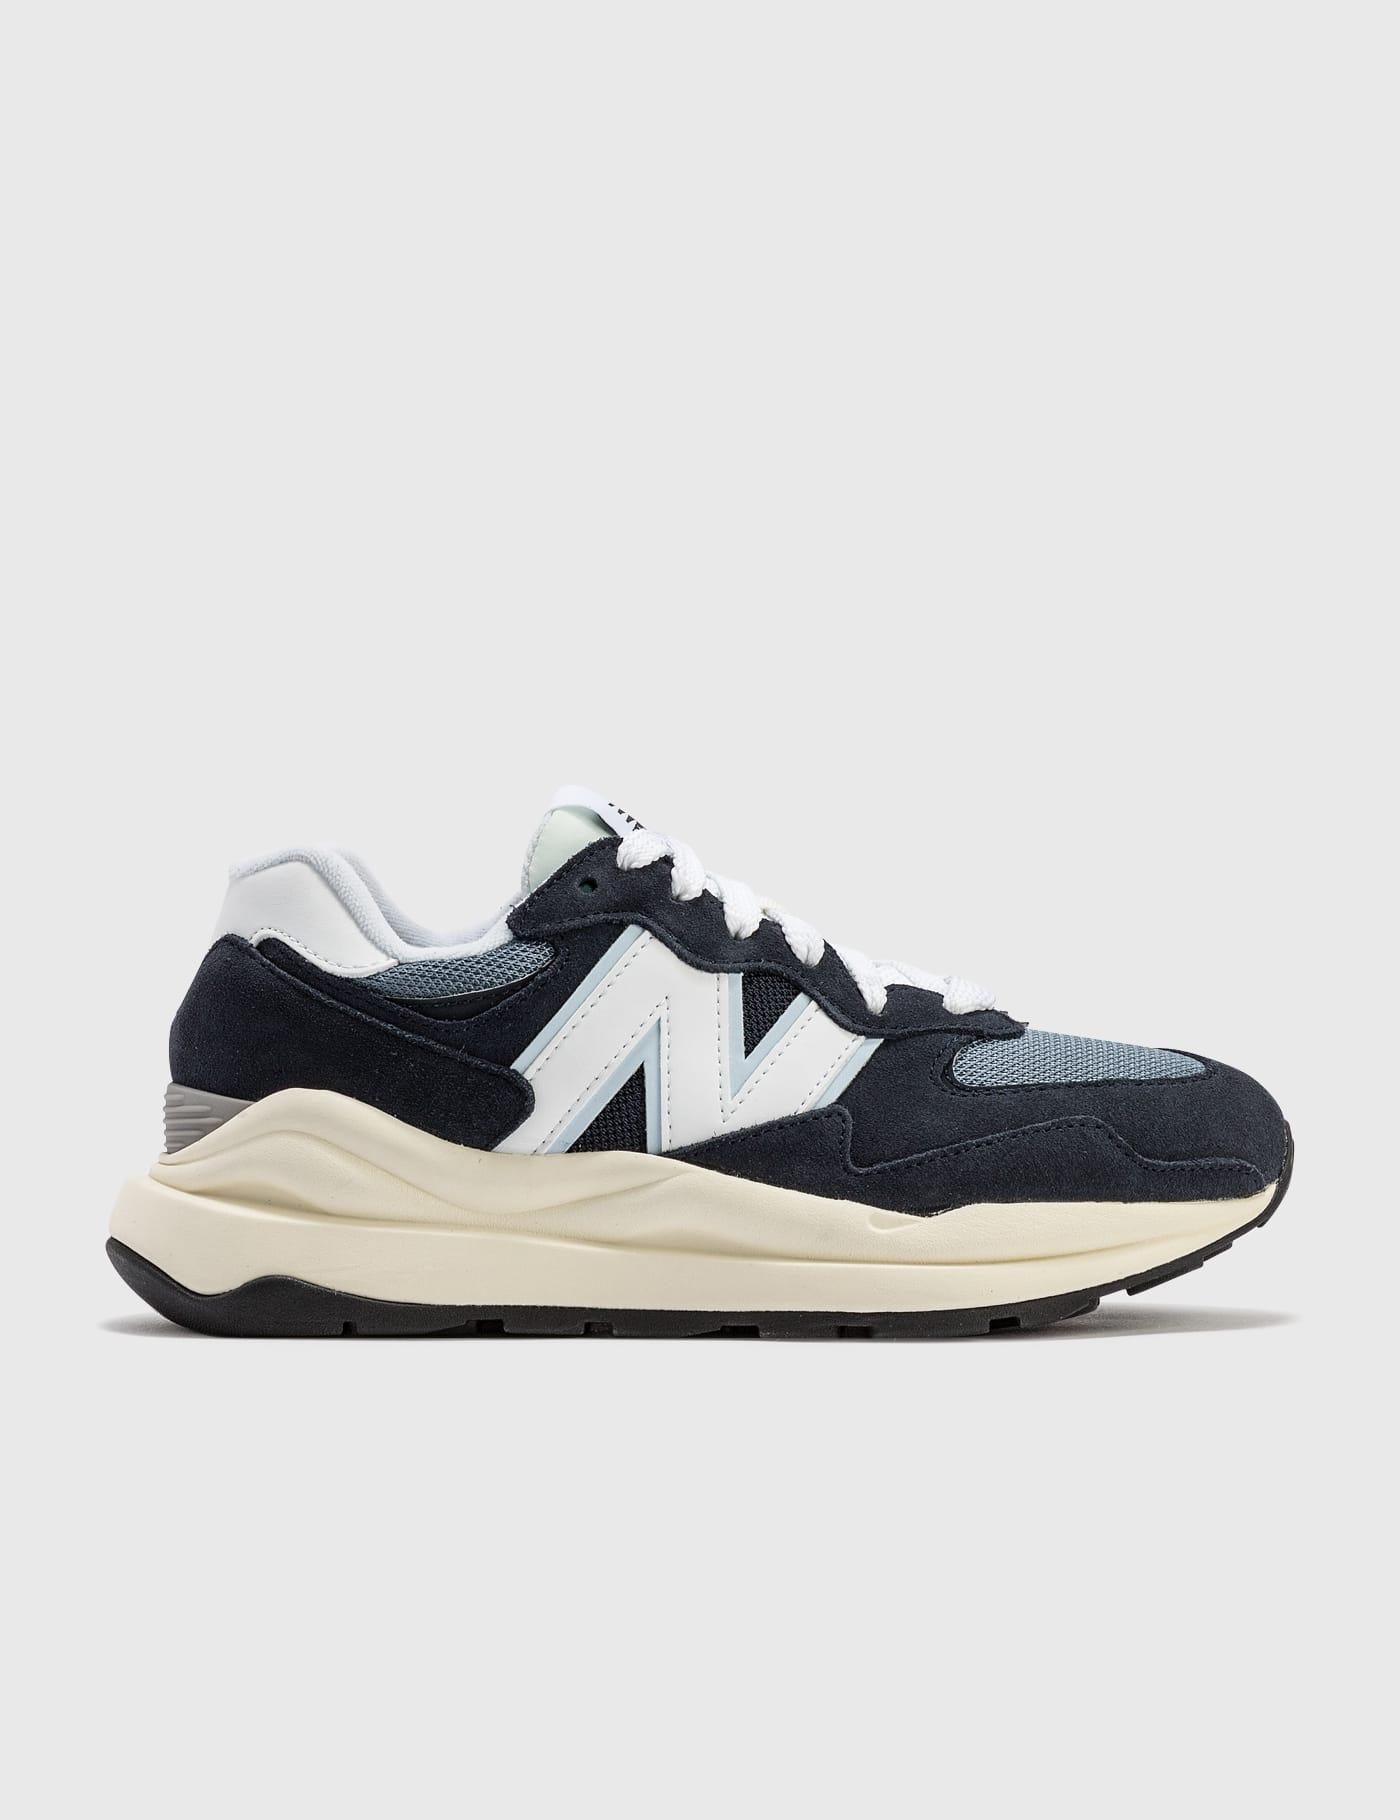 뉴발란스 New Balance 5740